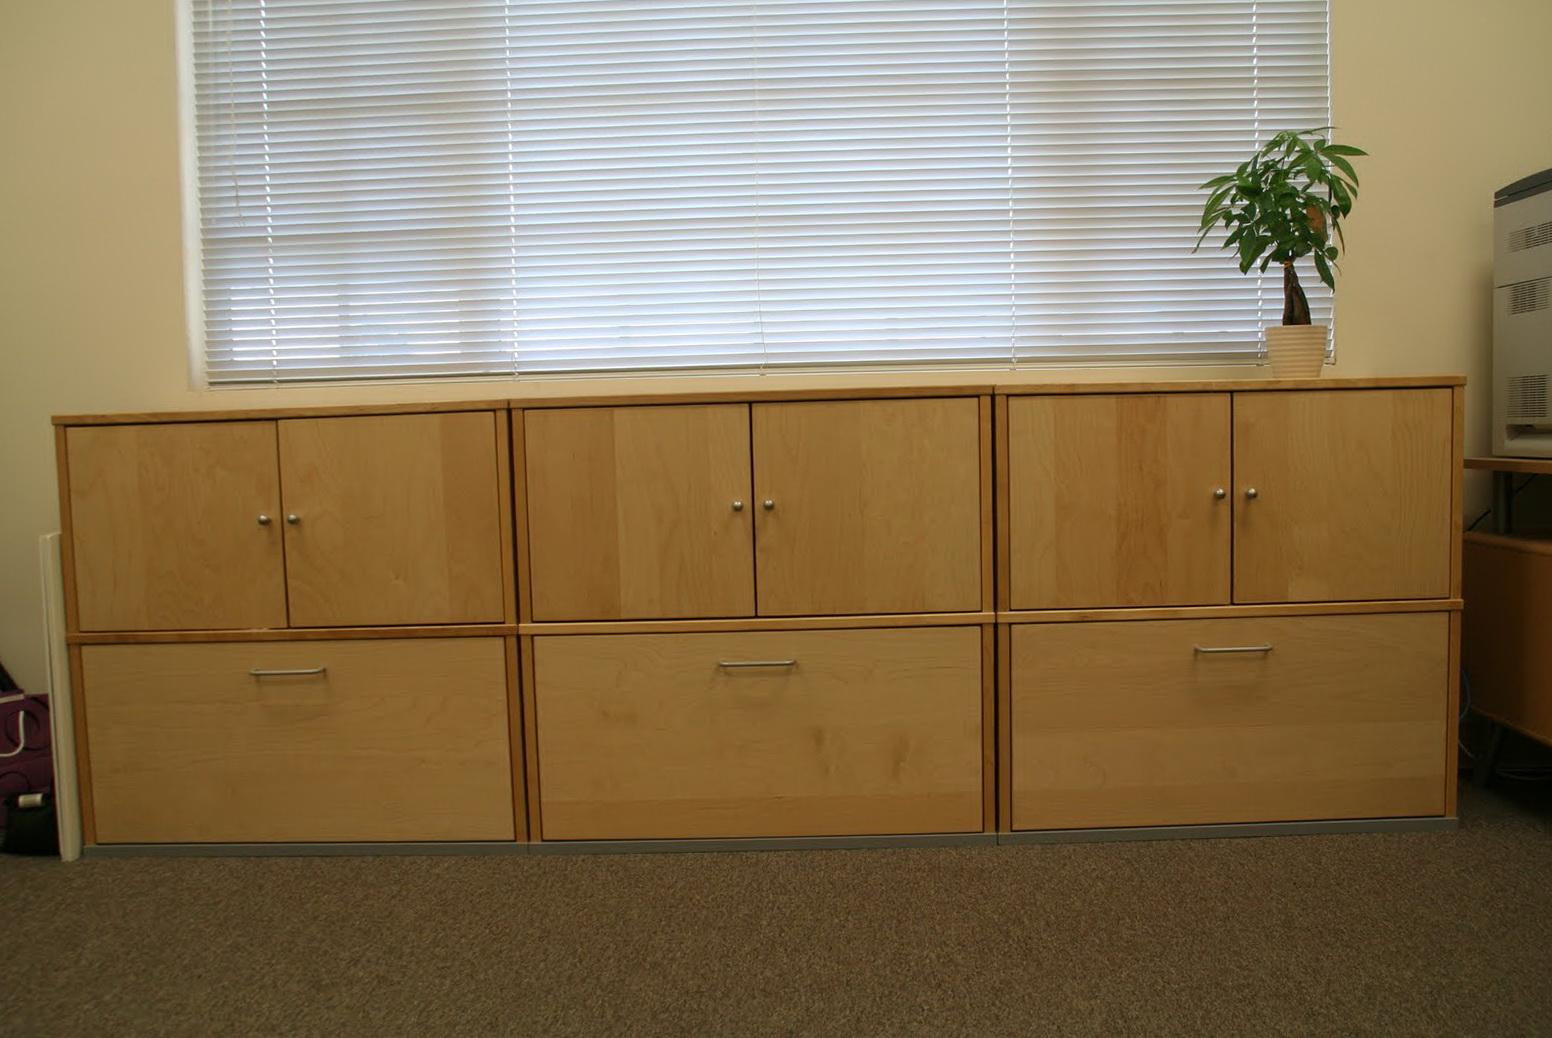 Ikea Filing Cabinet Wood